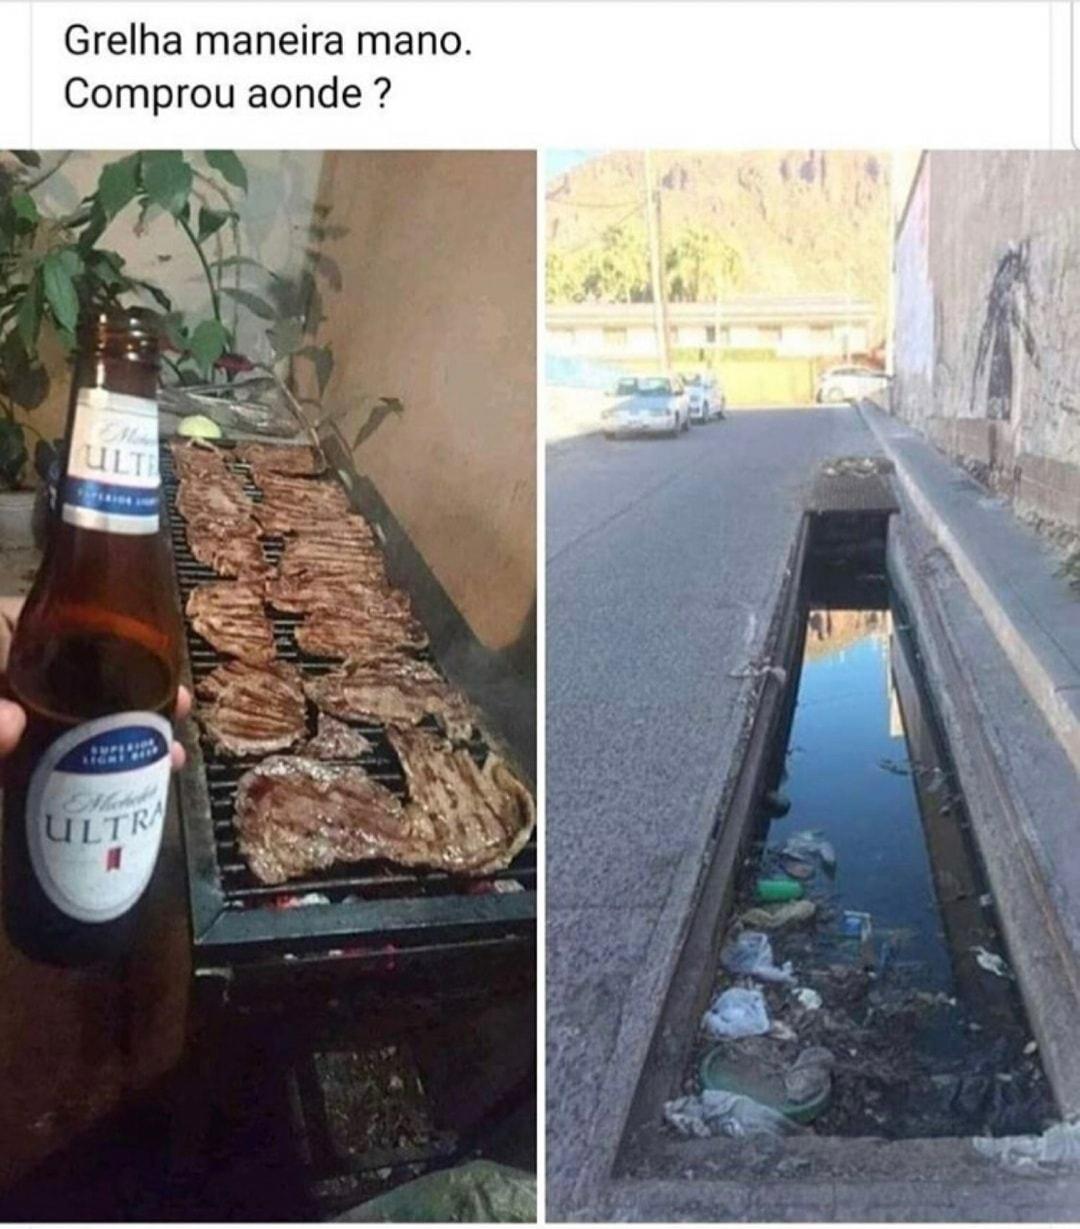 #vozaotabrabo - meme